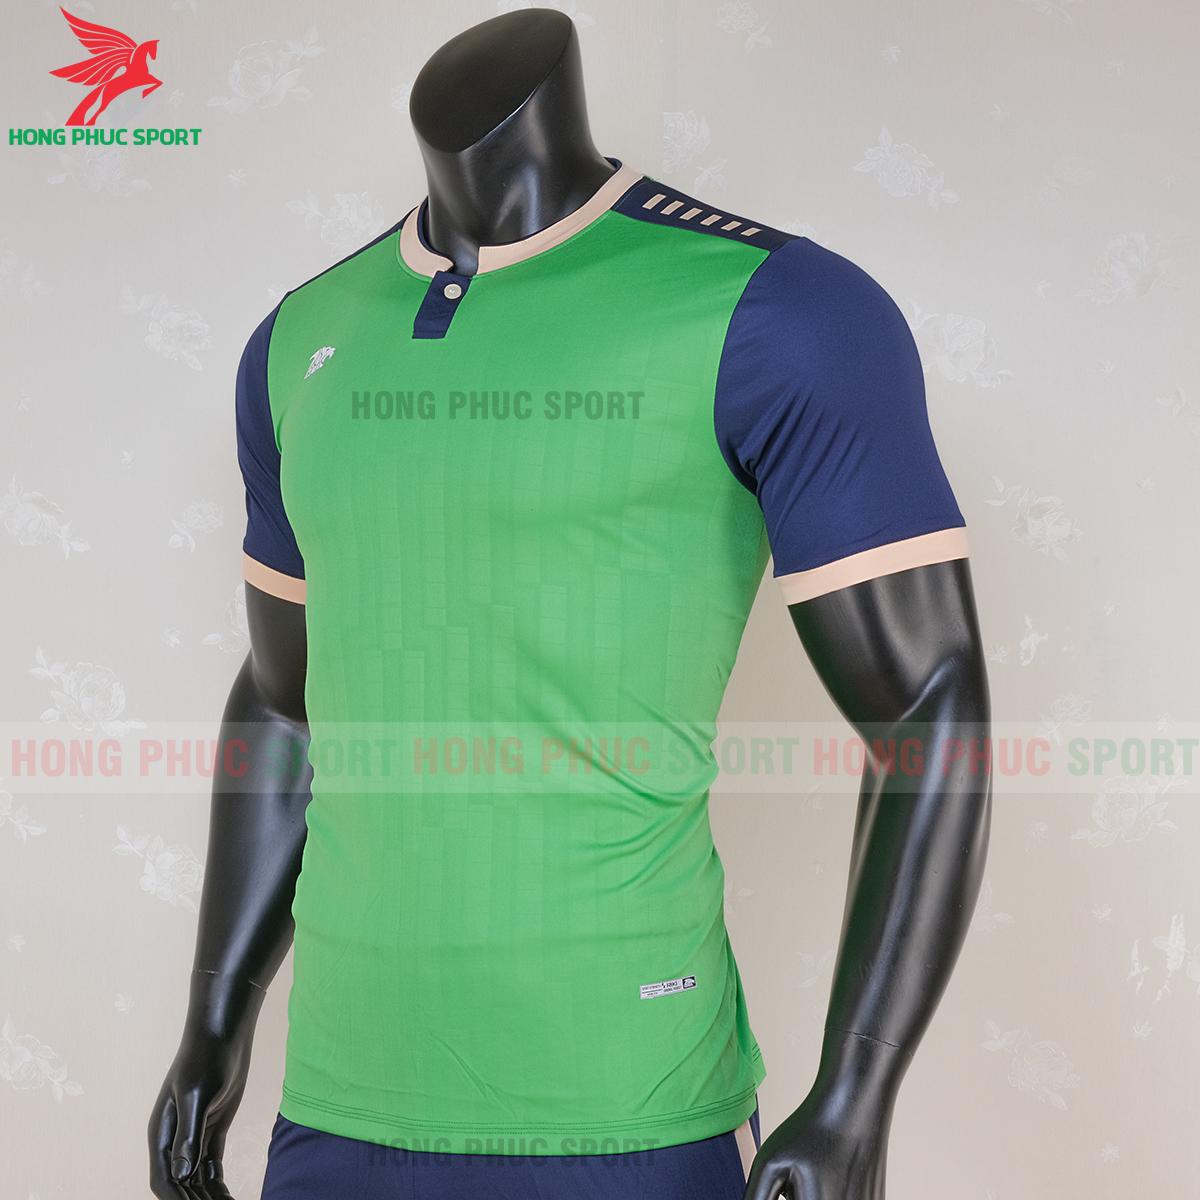 https://cdn.hongphucsport.com/unsafe/s4.shopbay.vn/files/285/ao-bong-da-khong-logo-riki-neck-xanh-la-cay-1-5f71aaa495f4b.png